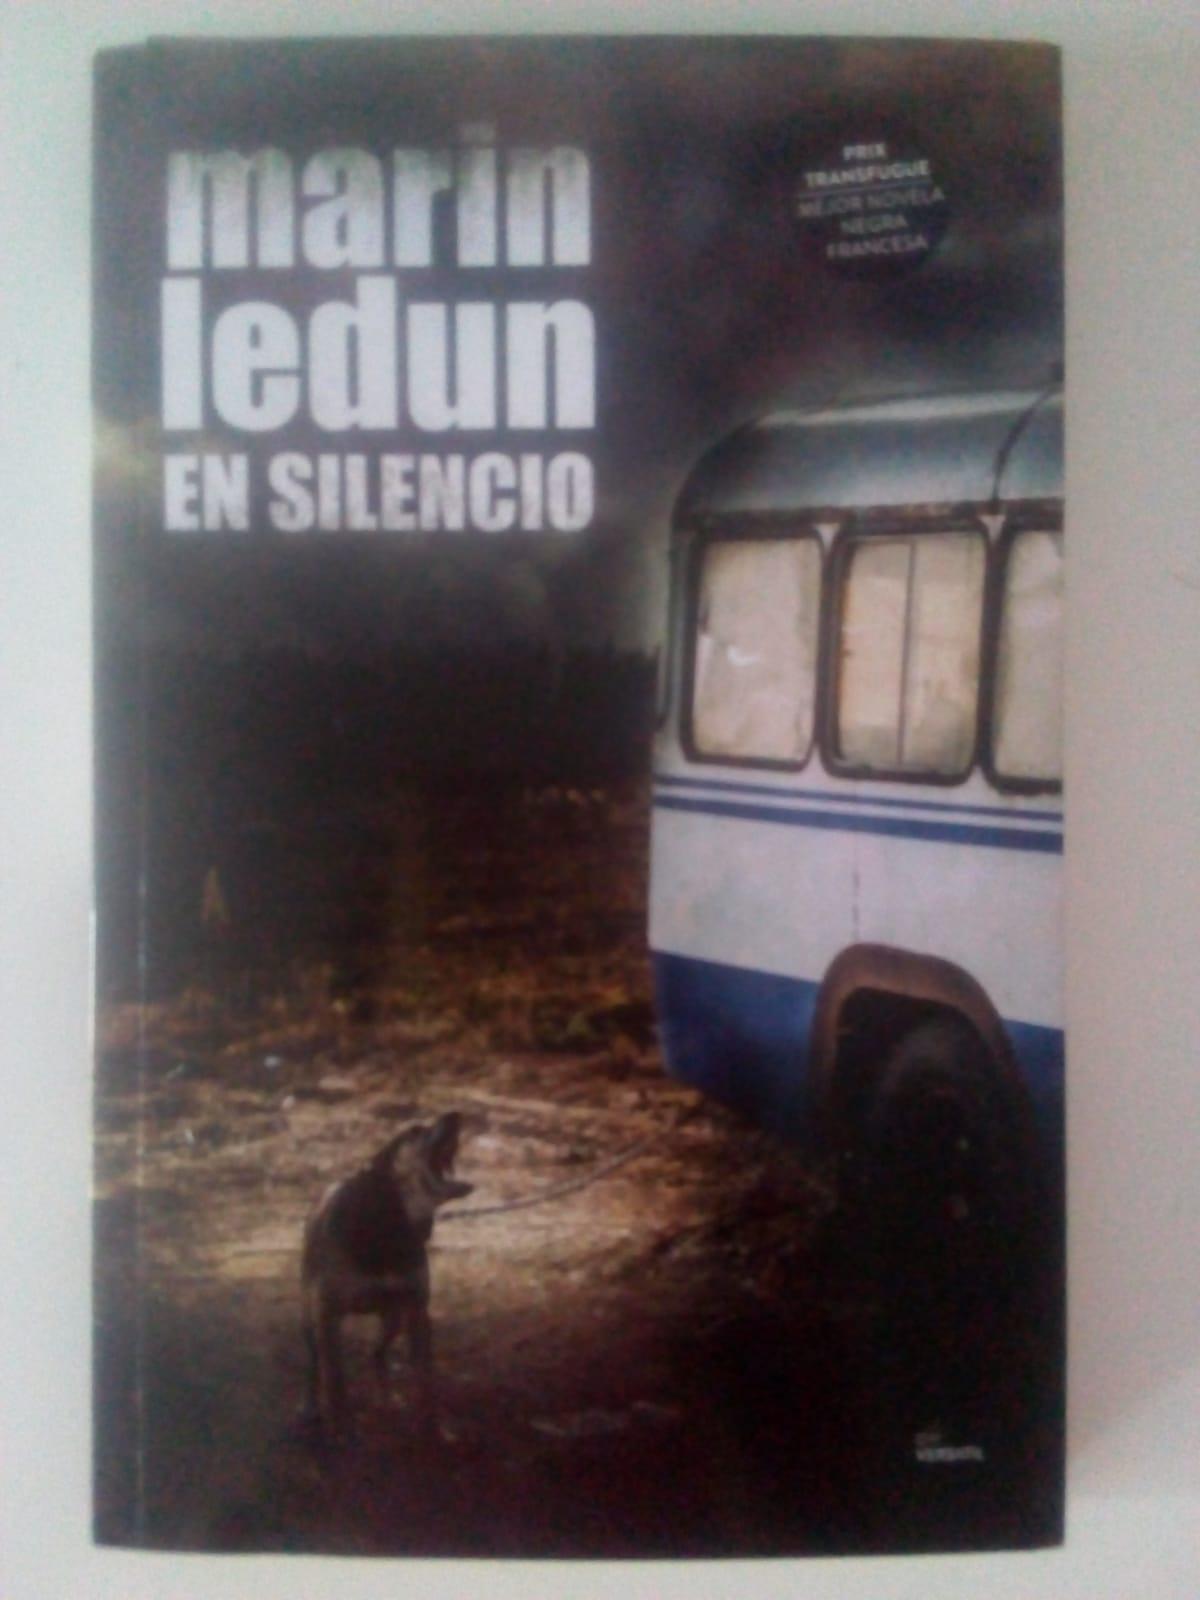 En silencio de Marin Ledun